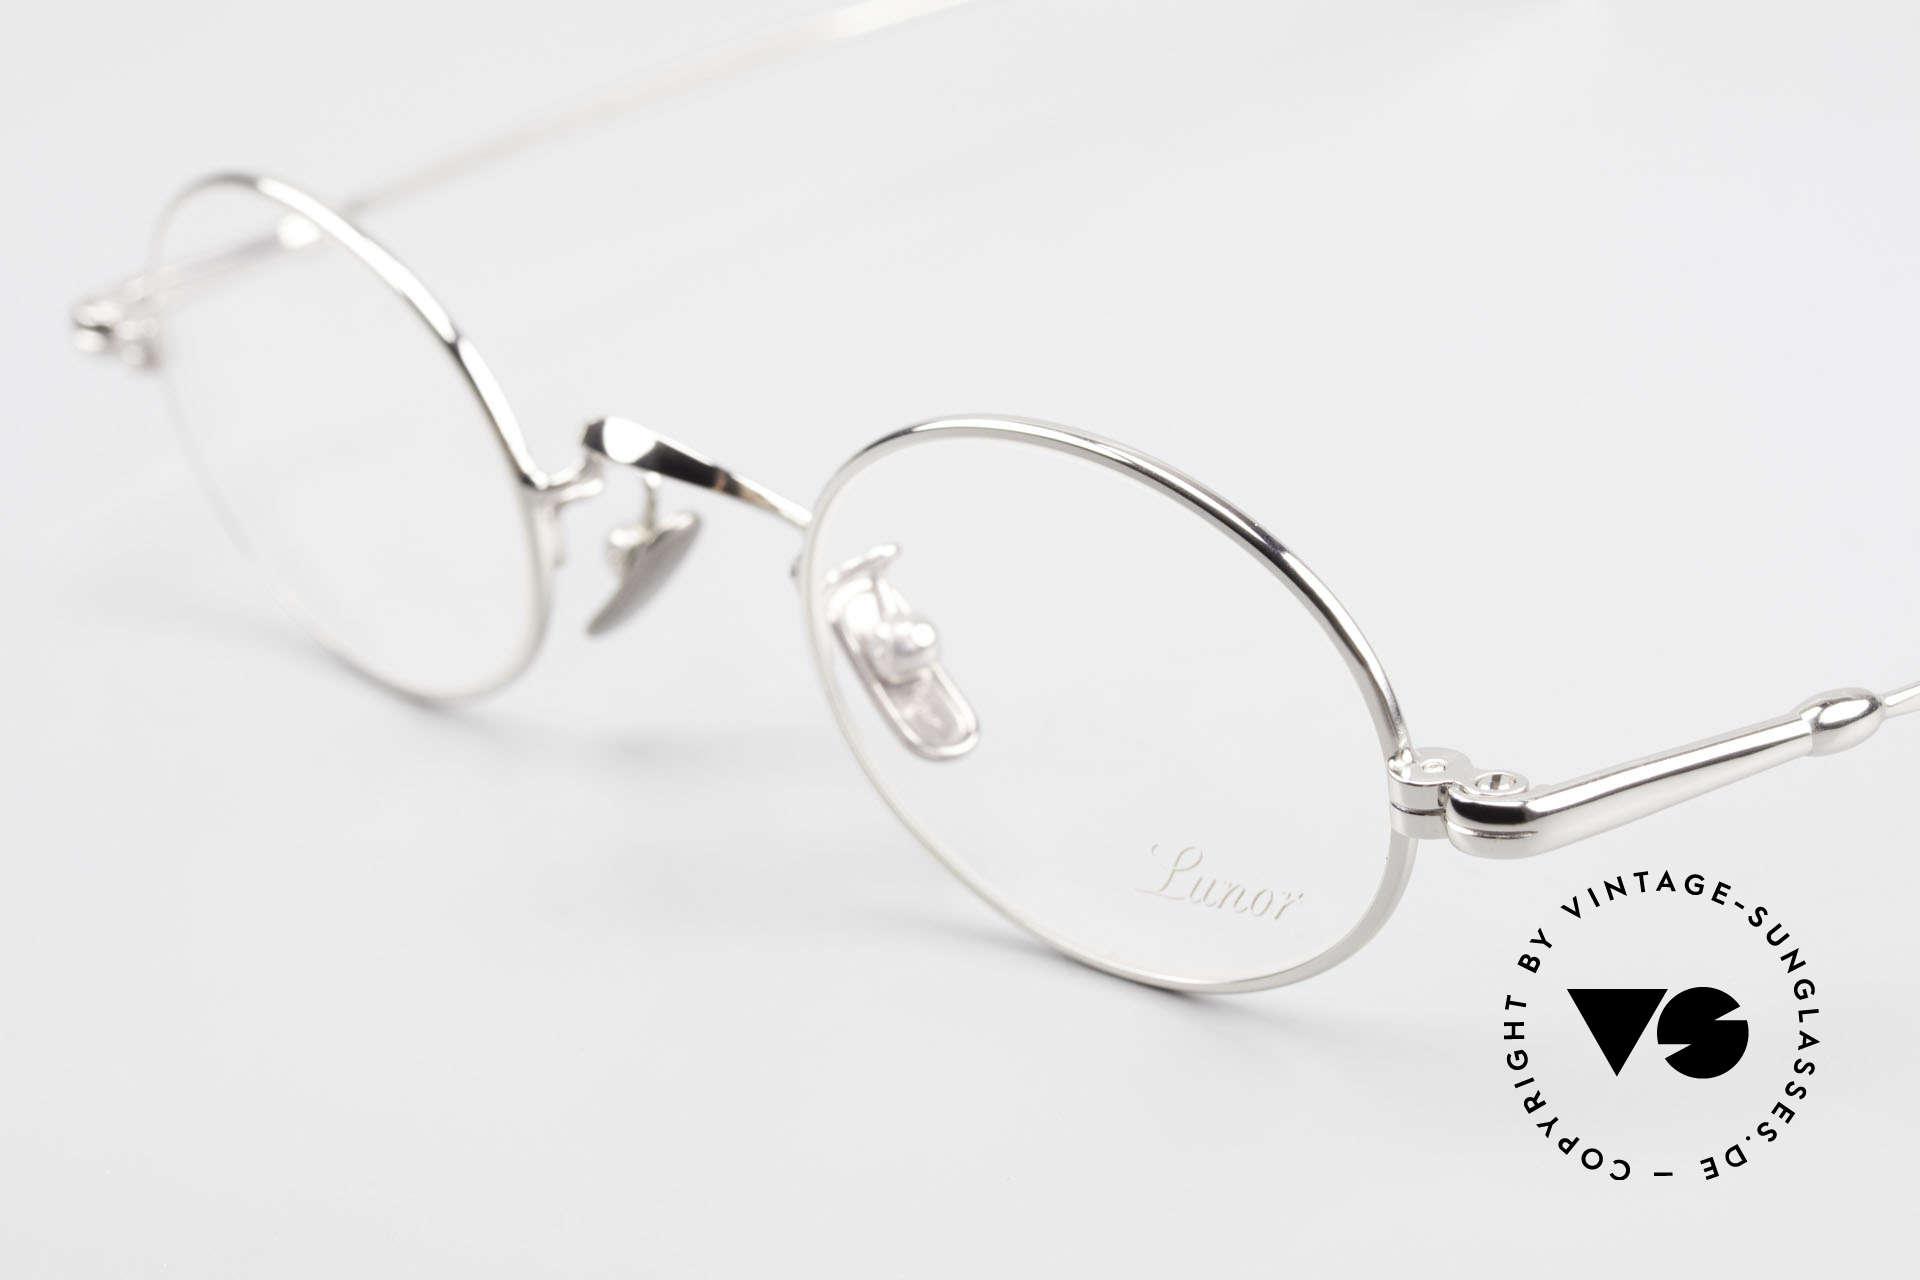 Lunor V 100 Ovale Vintage Lunor Brille, aus der 2011er Kollektion in altbekannter Qualität, Passend für Herren und Damen